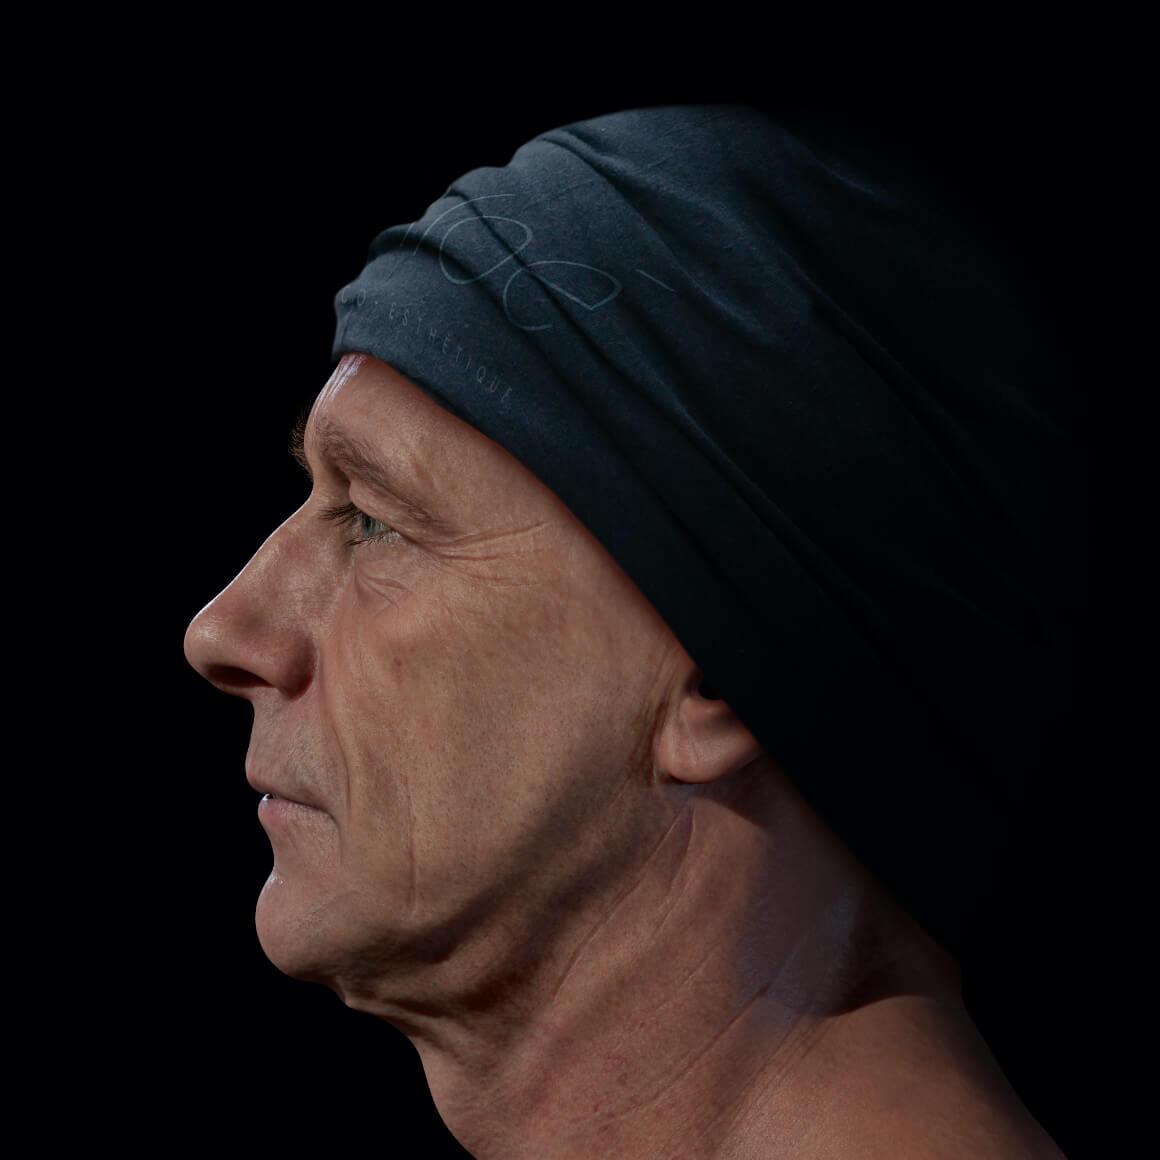 Homme patient à la Clinique Chloé positionné de côté démontrant des rides creuses au niveau du visage